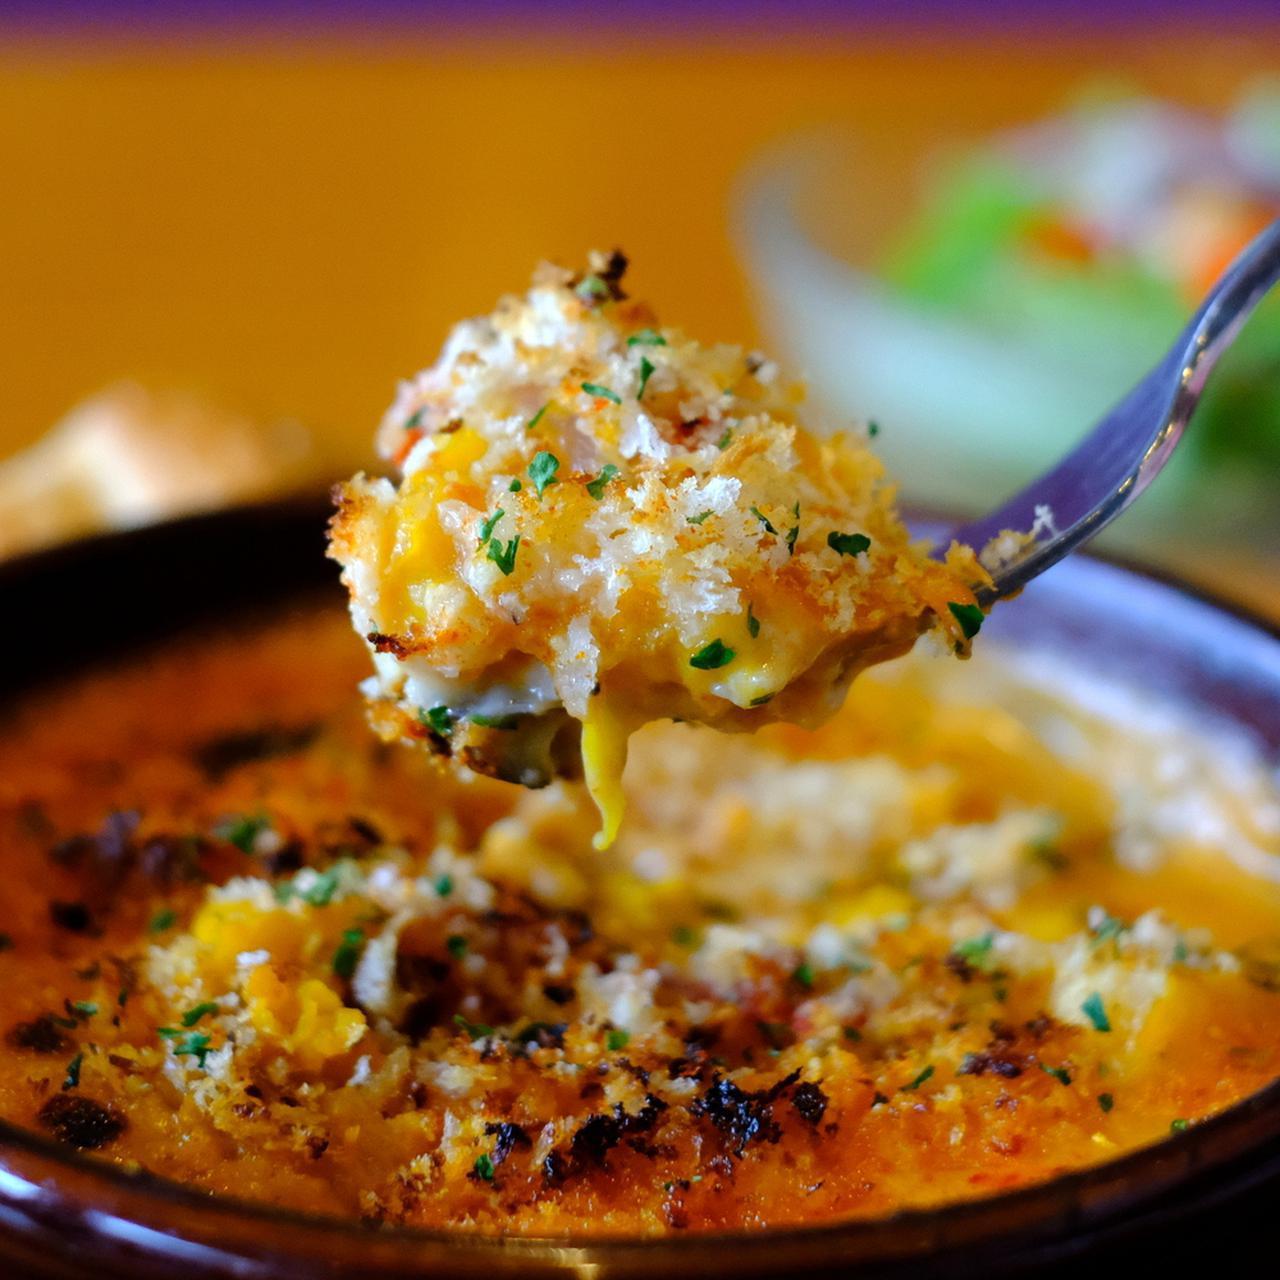 画像: ベシャメルソースとミートソース、数種類のチーズ。それぞれの塩加減とバランス、旨味を重ねた一皿。